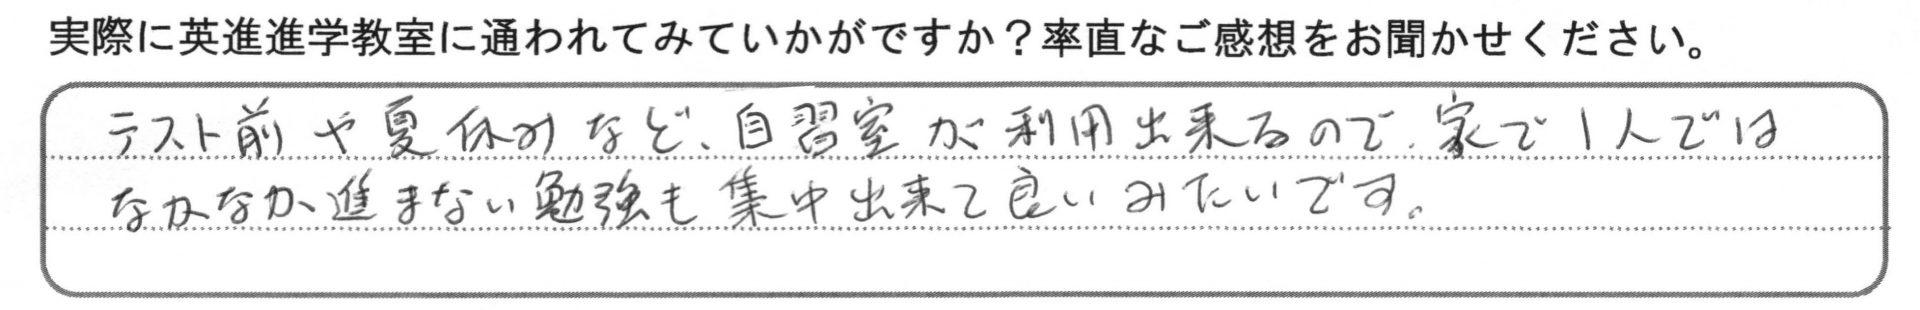 太田市の中で比較しておすすめしていただける塾の保護者コメント16